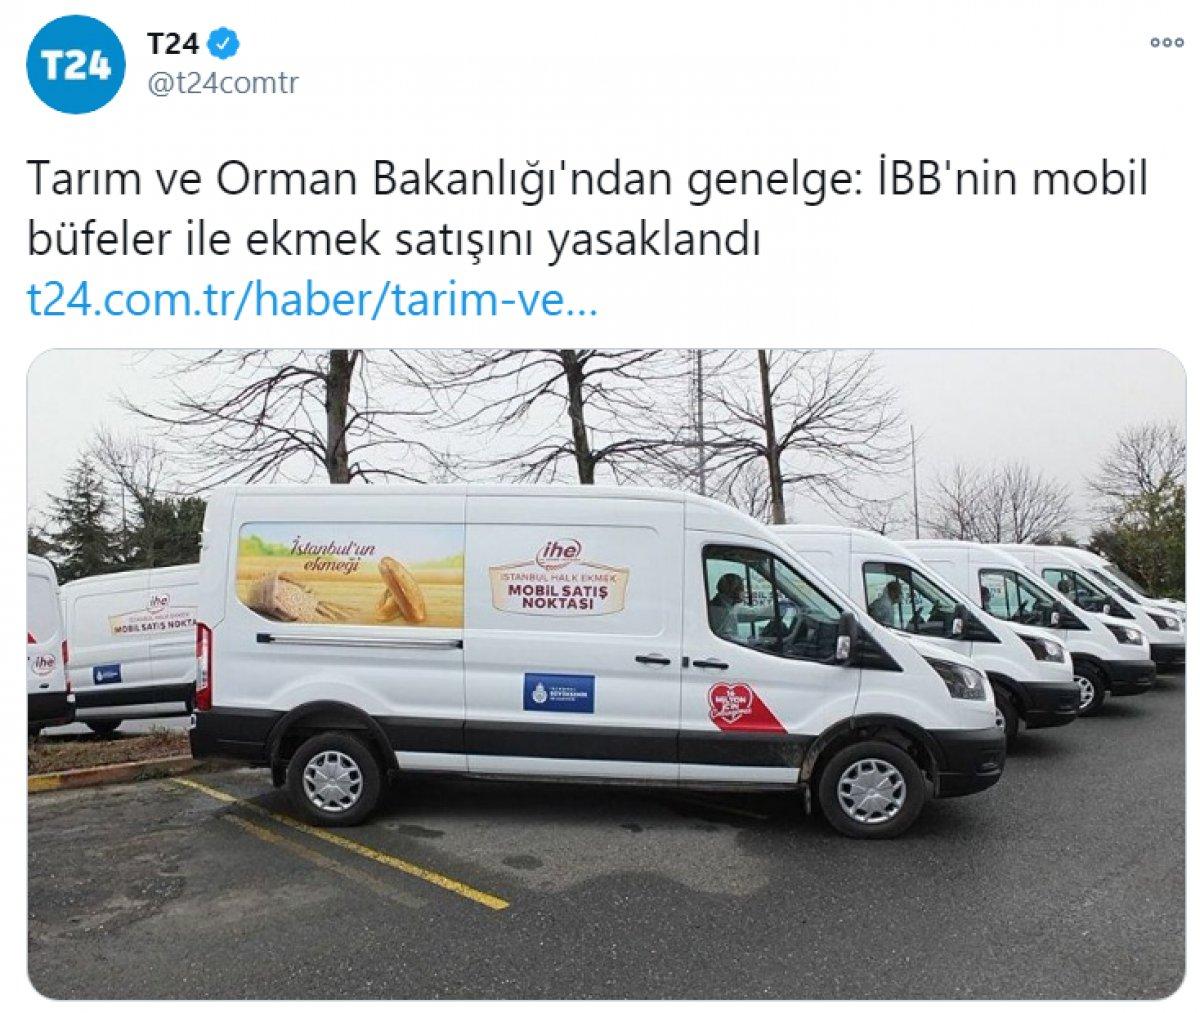 Tarım ve Orman Bakanlığı,  İBB nin mobil büfelerinin yasaklandığı  haberini yalanladı #2